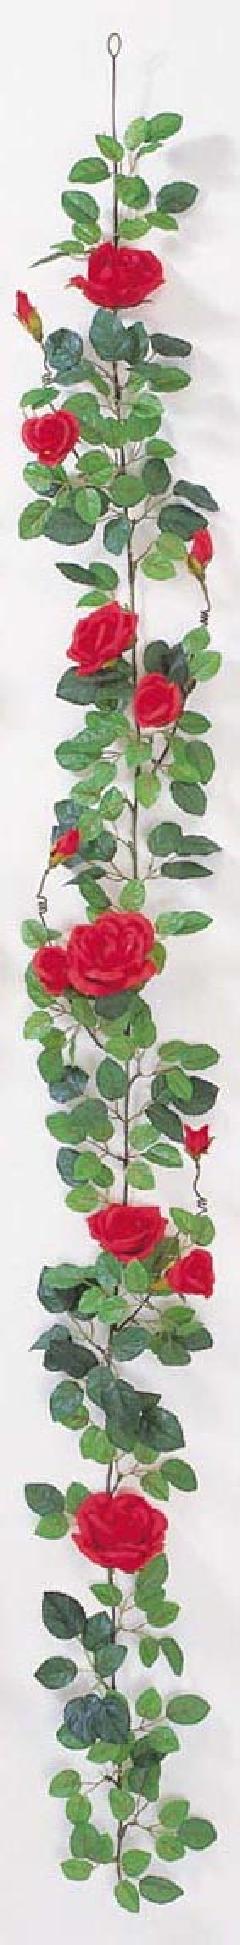 屋内用造花バラガーランド(プラチナローズ・レッド・全長180cm/花径5〜10cm)FLG−302